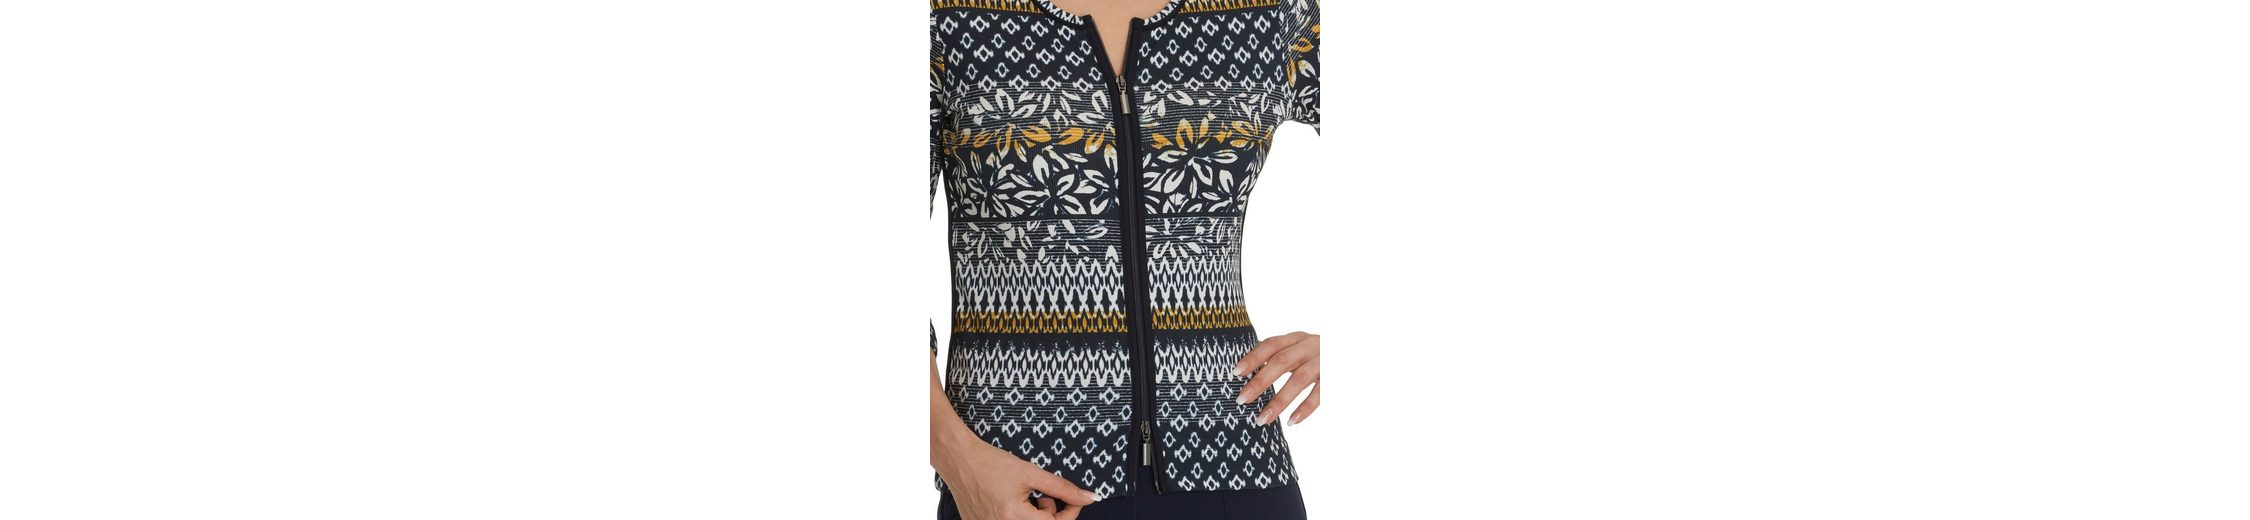 Betty Barclay Shirtjacke mit Mustermix Verkauf Countdown-Paket Niedriger Preis Günstiger Preis Preiswerte Art Und Stil Freies Verschiffen Kaufen Verkauf Vorbestellung a7j5Mp